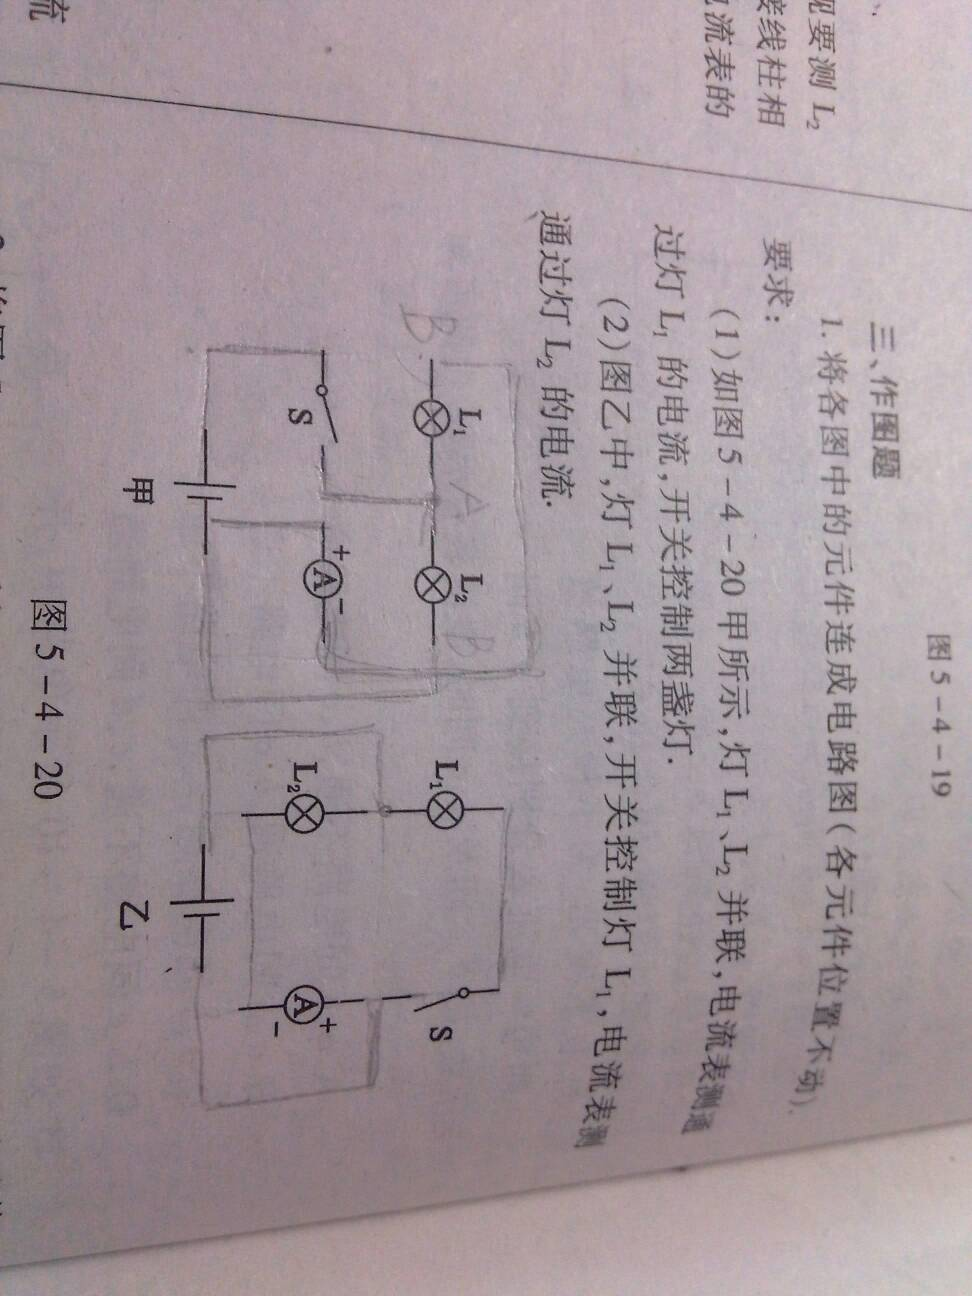 如图物理,我想问我画的电路图对不对